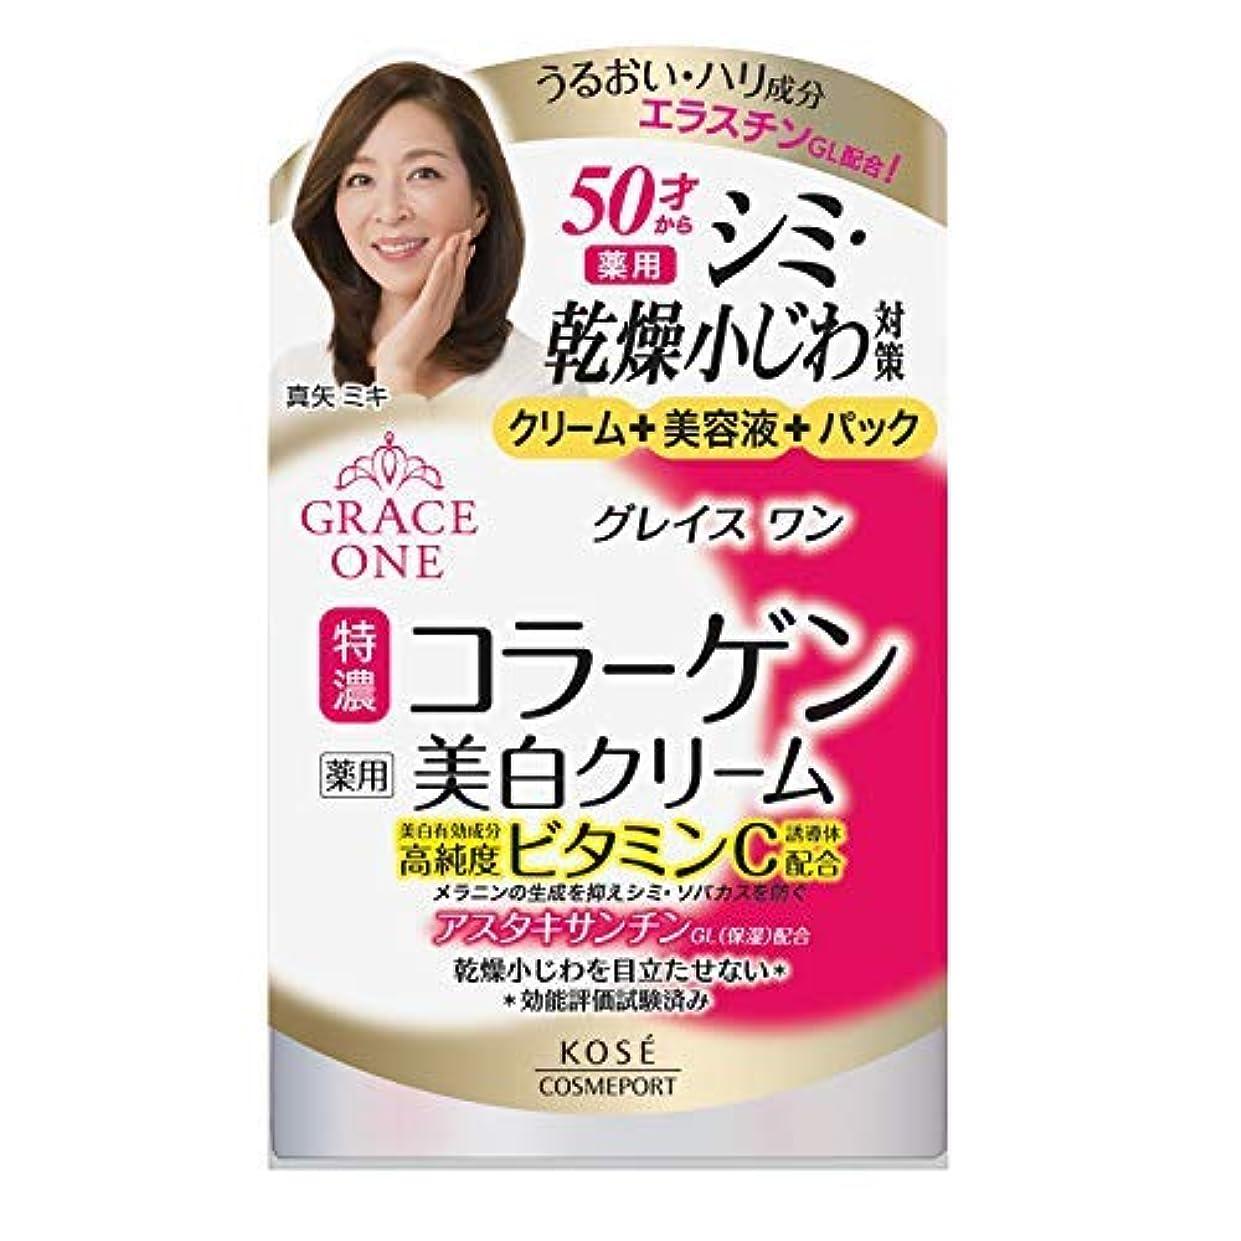 スクレーパー苦いアルネ(医薬部外品) KOSE コーセー グレイスワン 薬用美白 ホワイトニング クリーム 100g